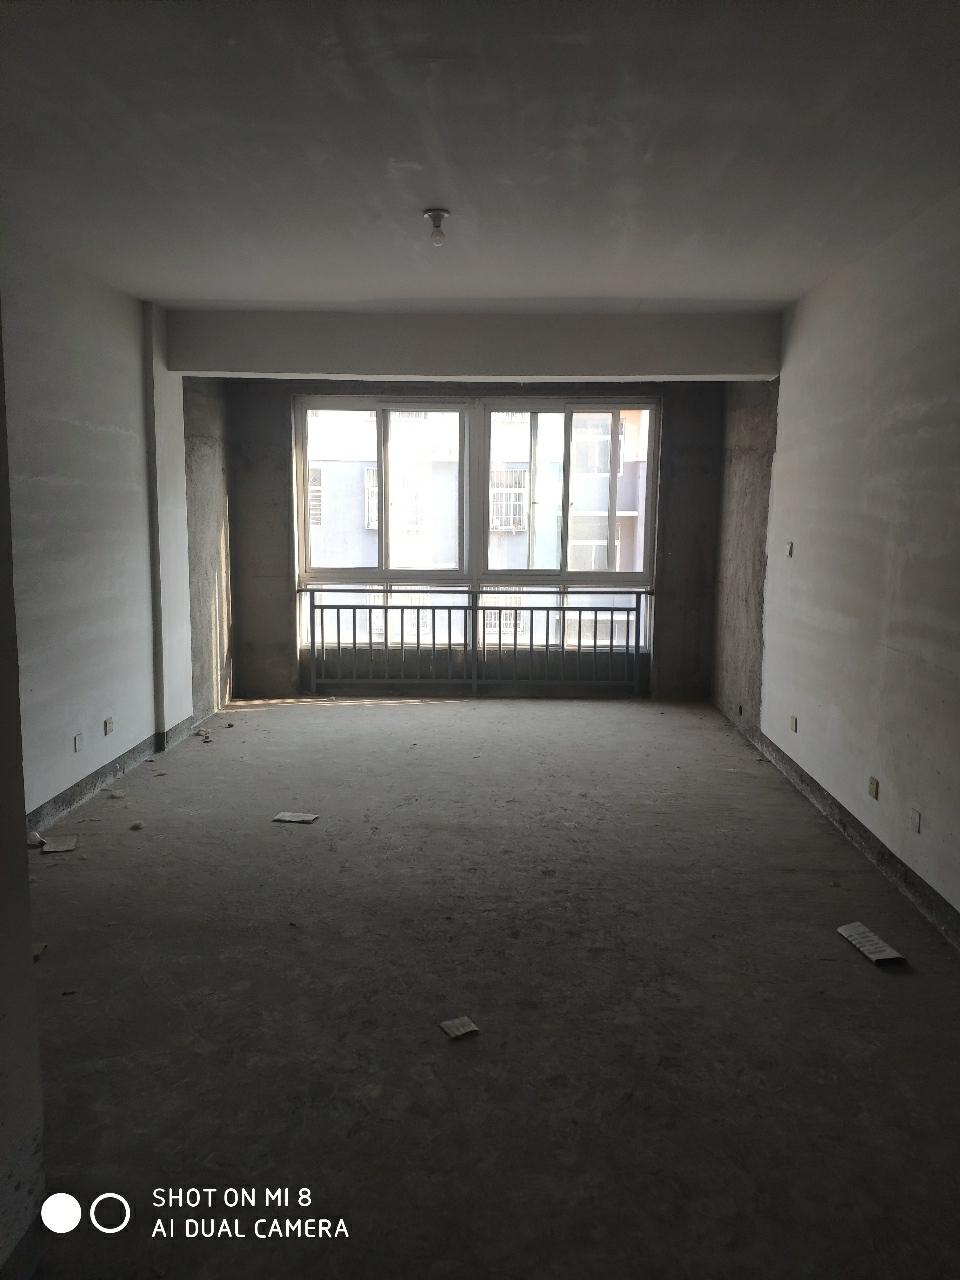 世纪星城5楼3室2厅2卫带储藏室95万证满两年